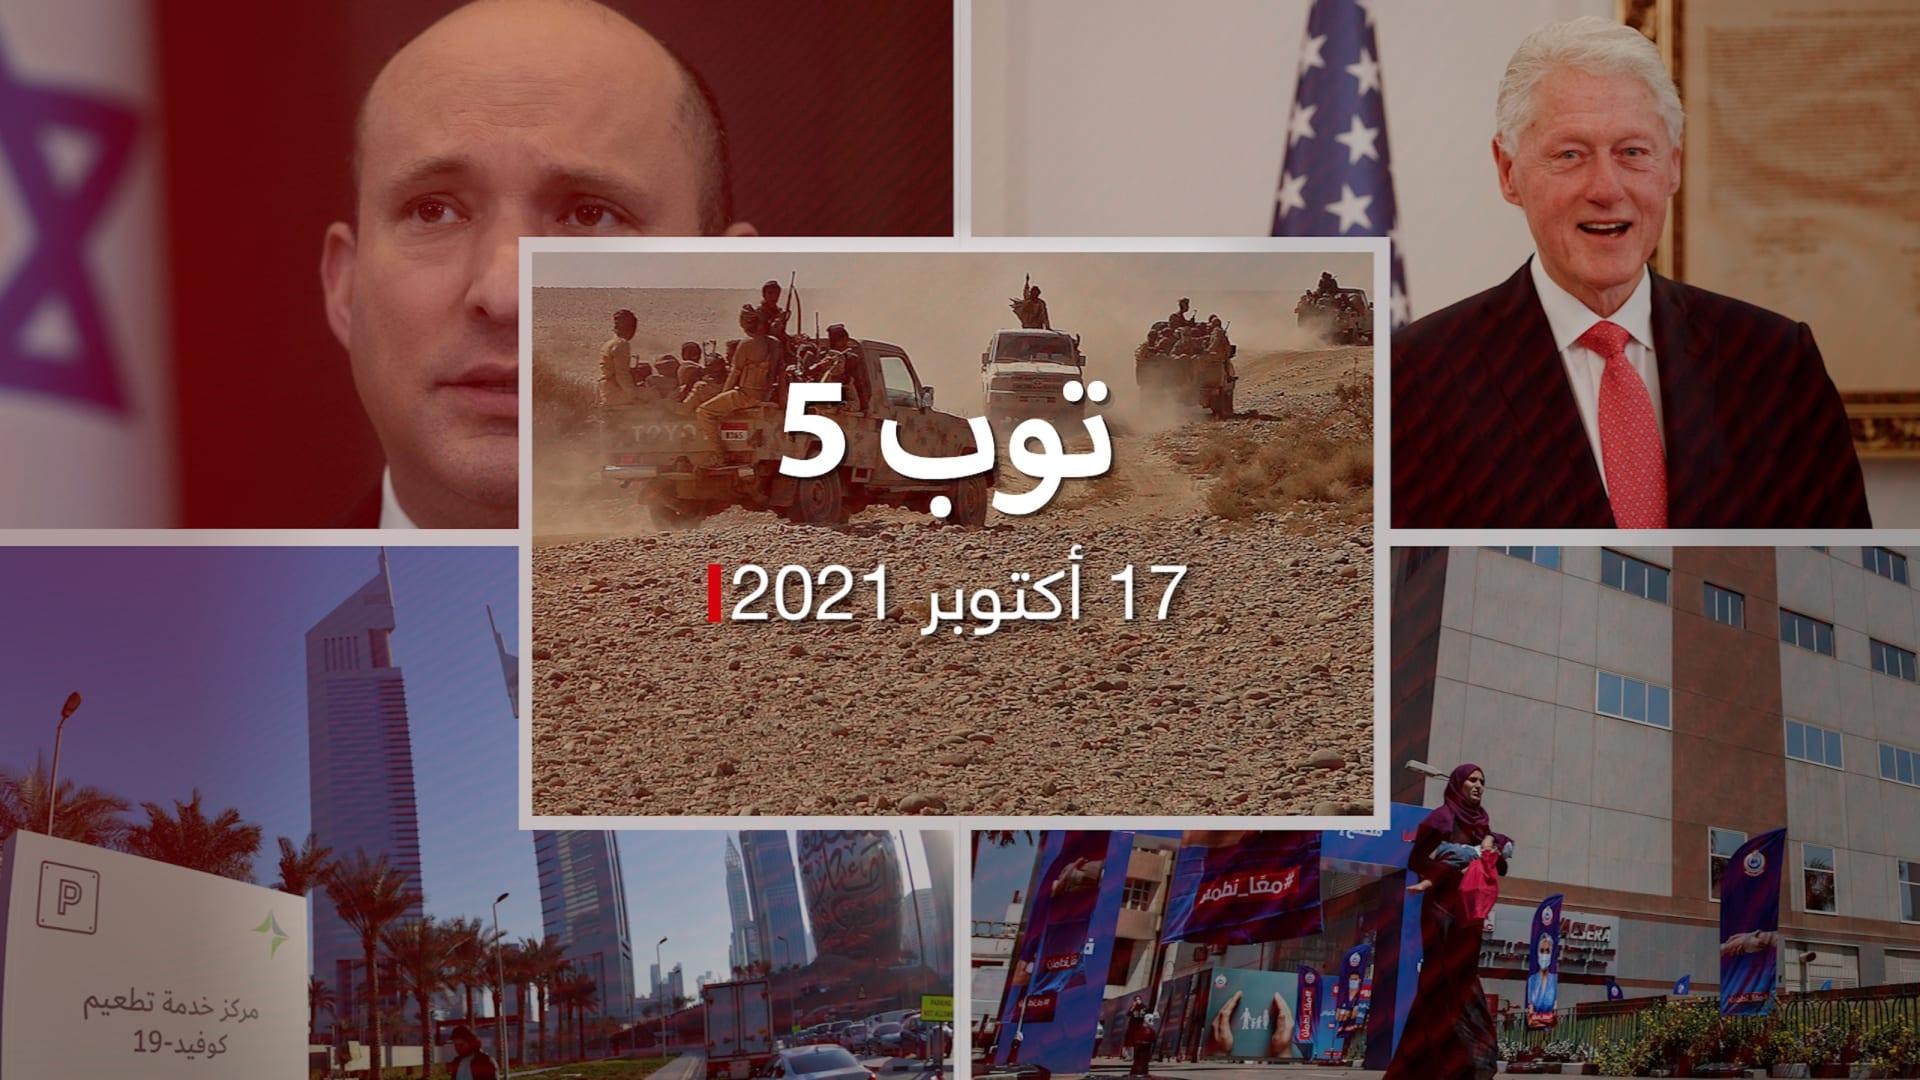 توب 5: تصاعد وتيرة القتال في مأرب.. ومصر تحظر دخول منشآتها الحكومية دون لقاح